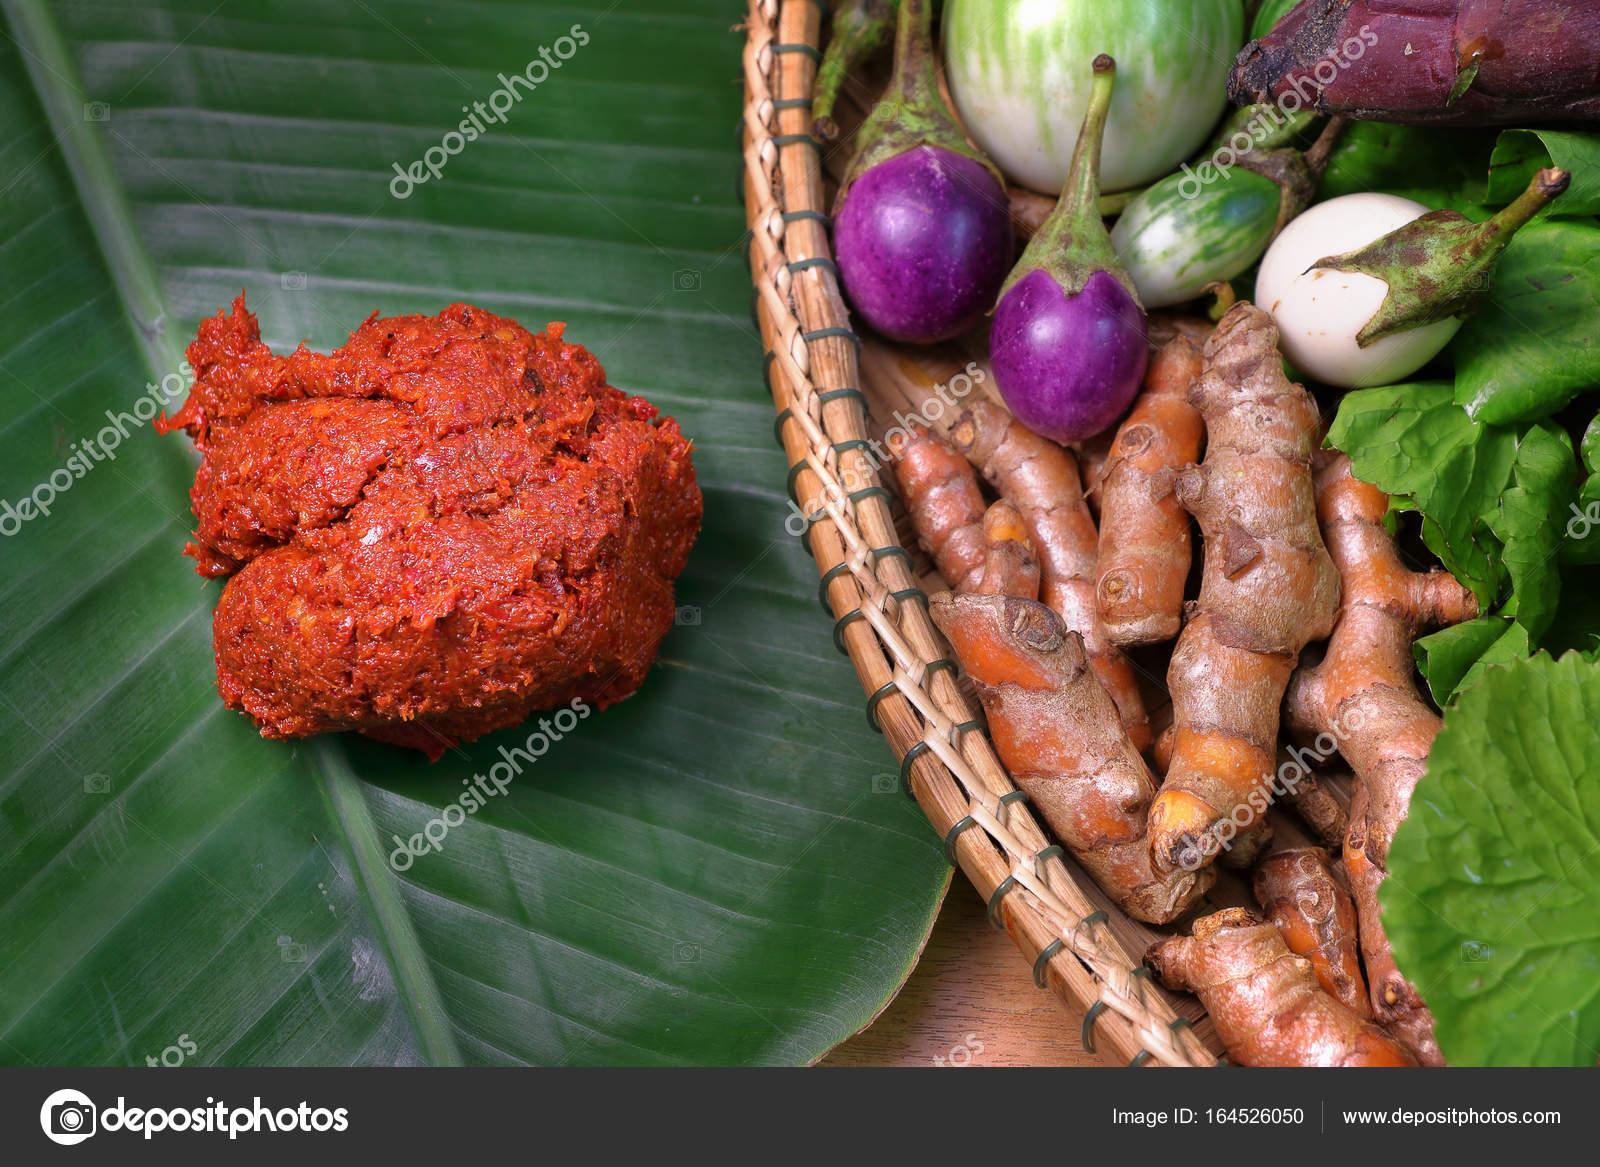 pâte de cari rouge sur feuille de bananier avec des légumes dans le